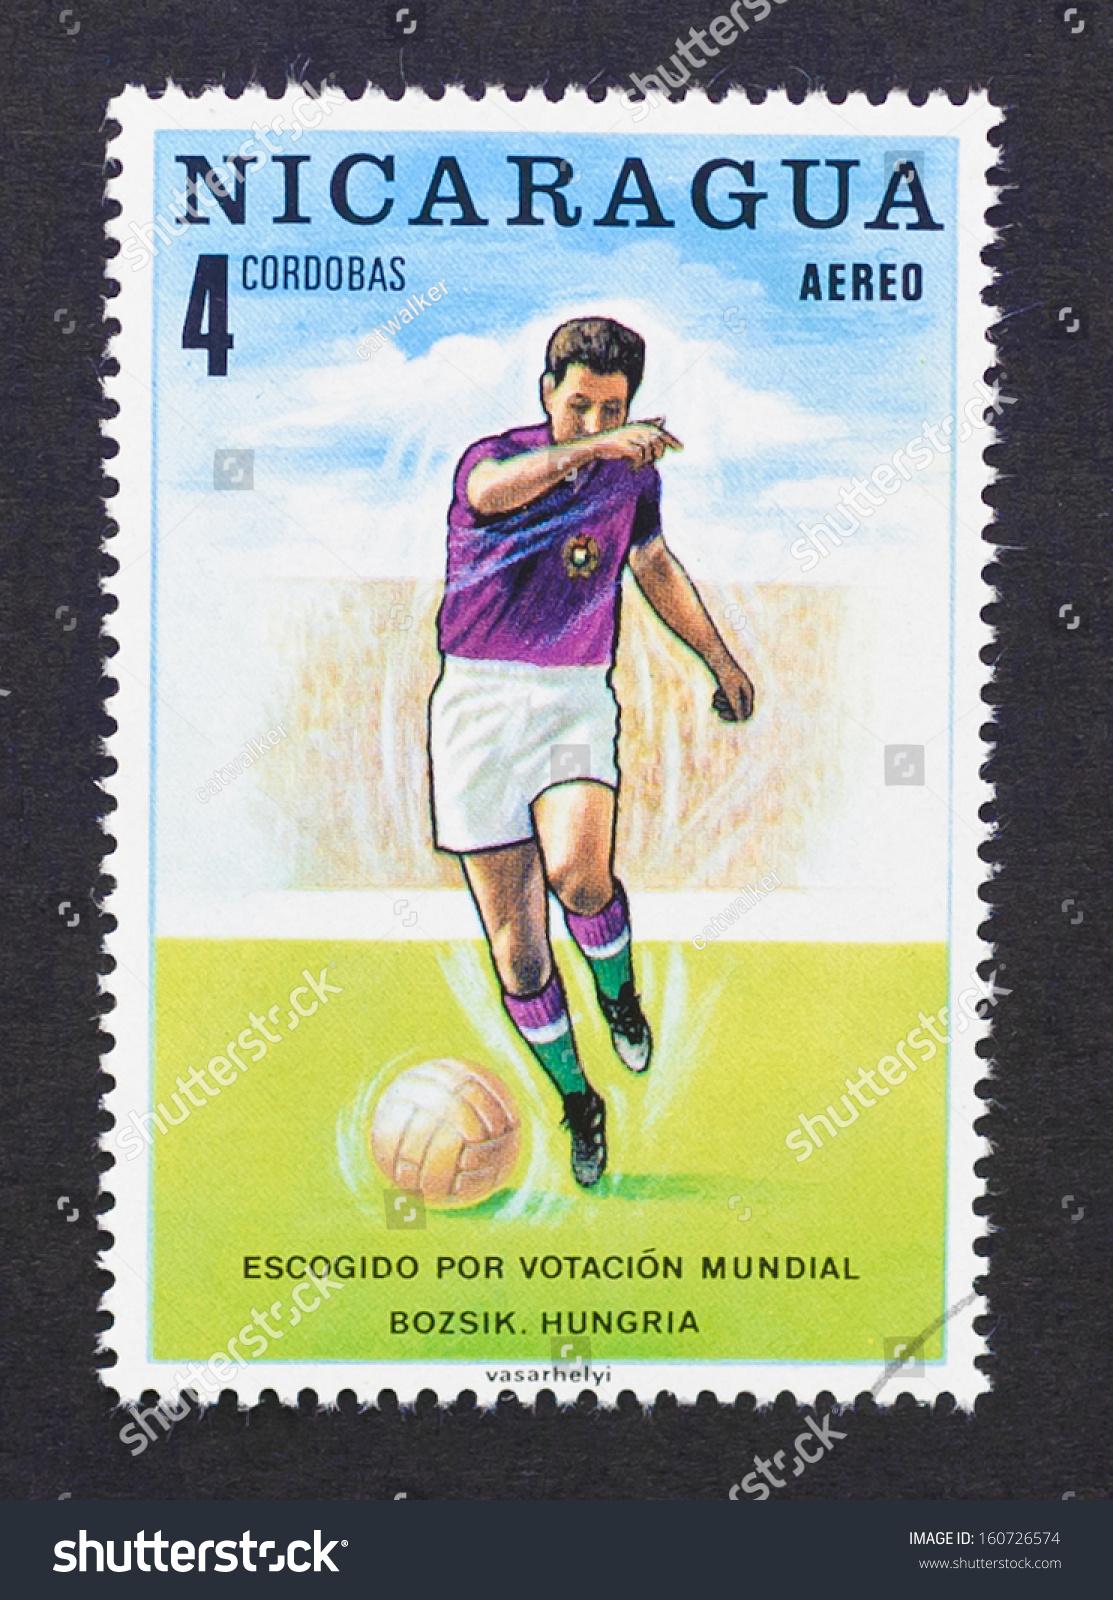 Nicaragua Circa 1970 Postage Stamp Printed Stock